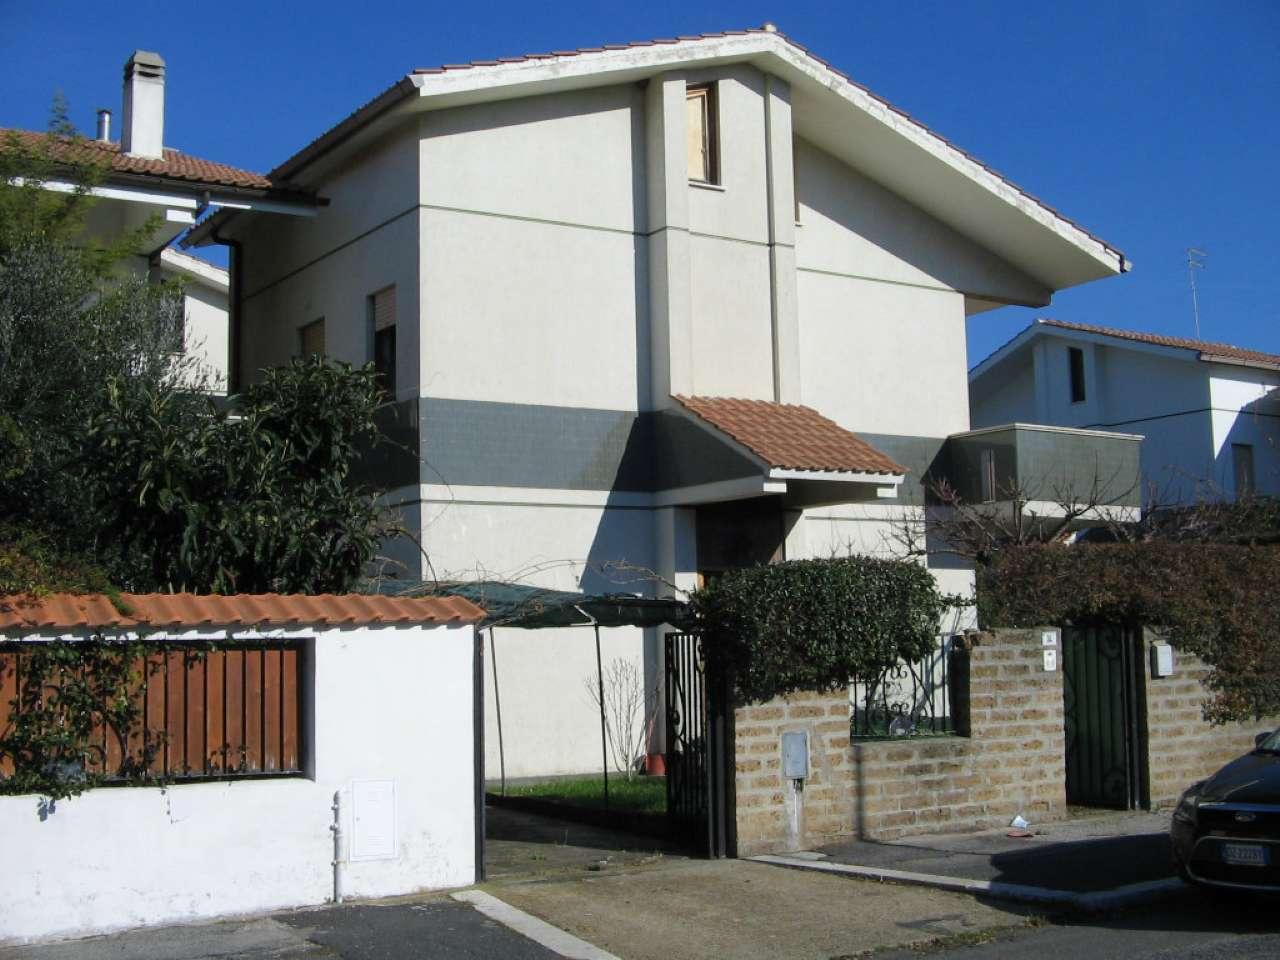 Villa in vendita a Cerveteri, 4 locali, prezzo € 160.000 | CambioCasa.it